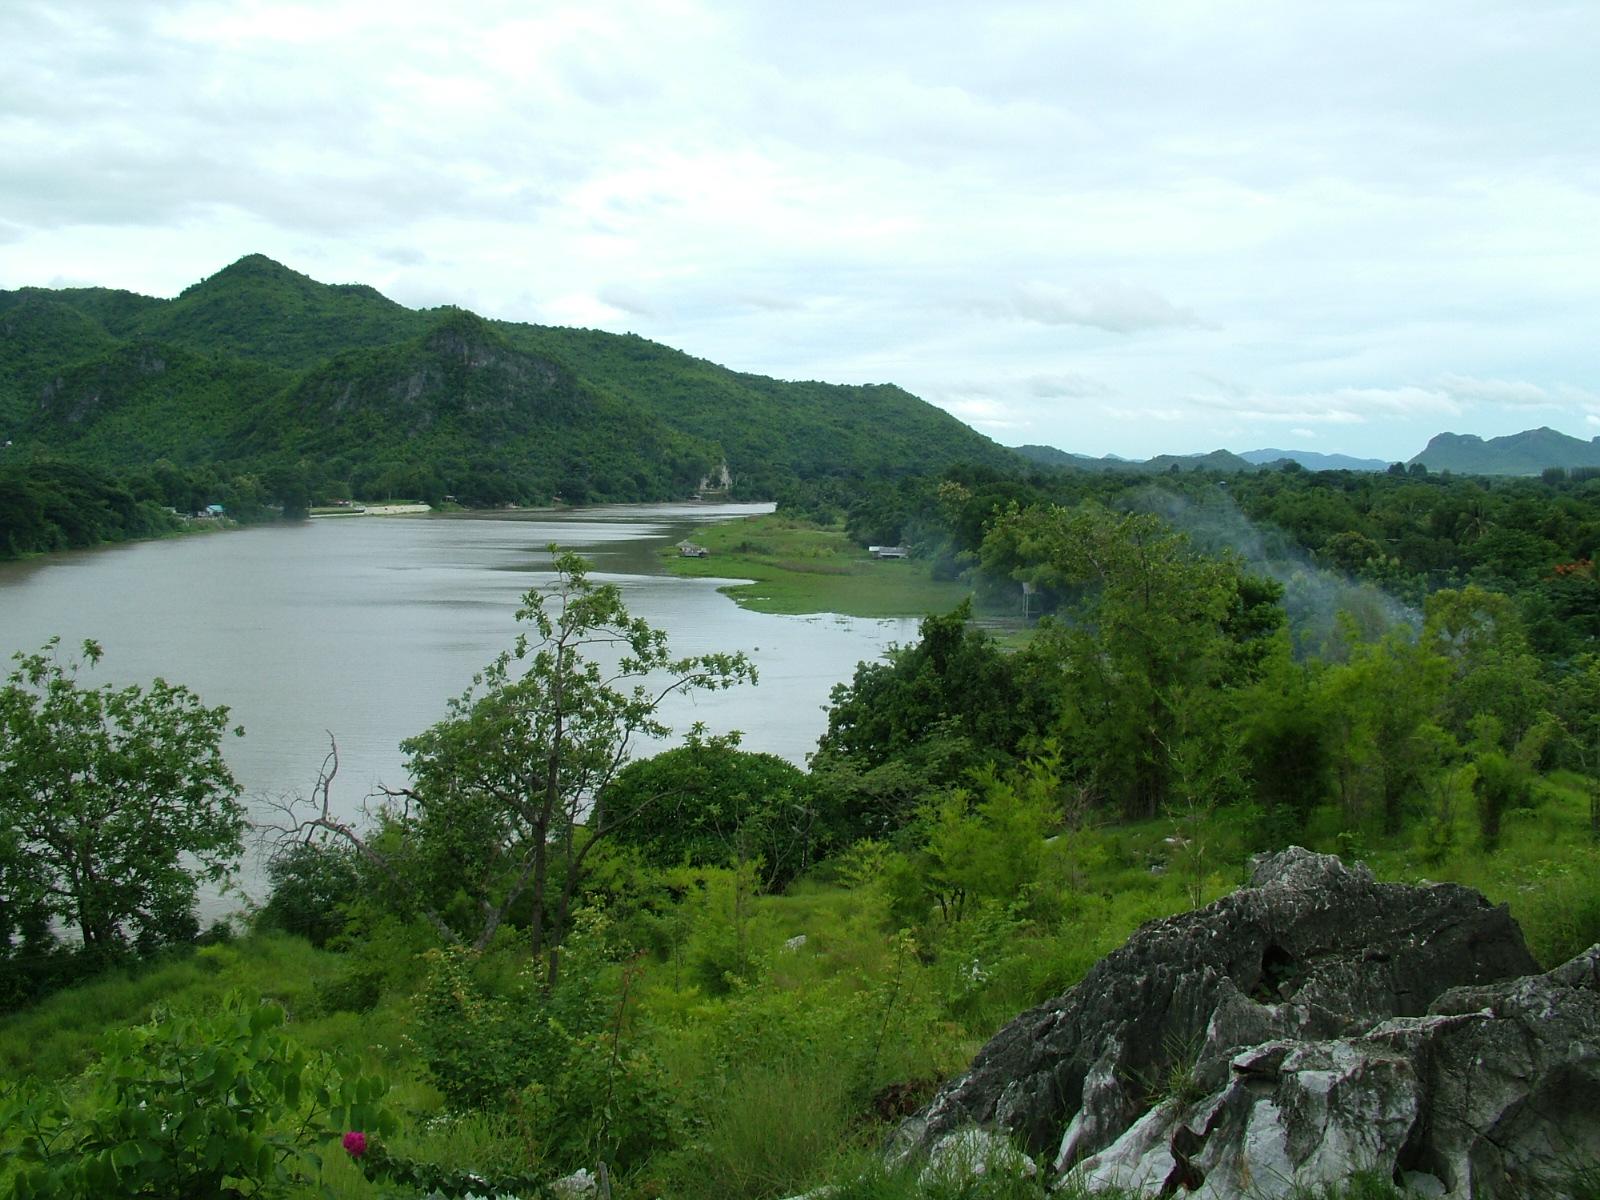 נוף נהר הקויי בקנצ'נבורי